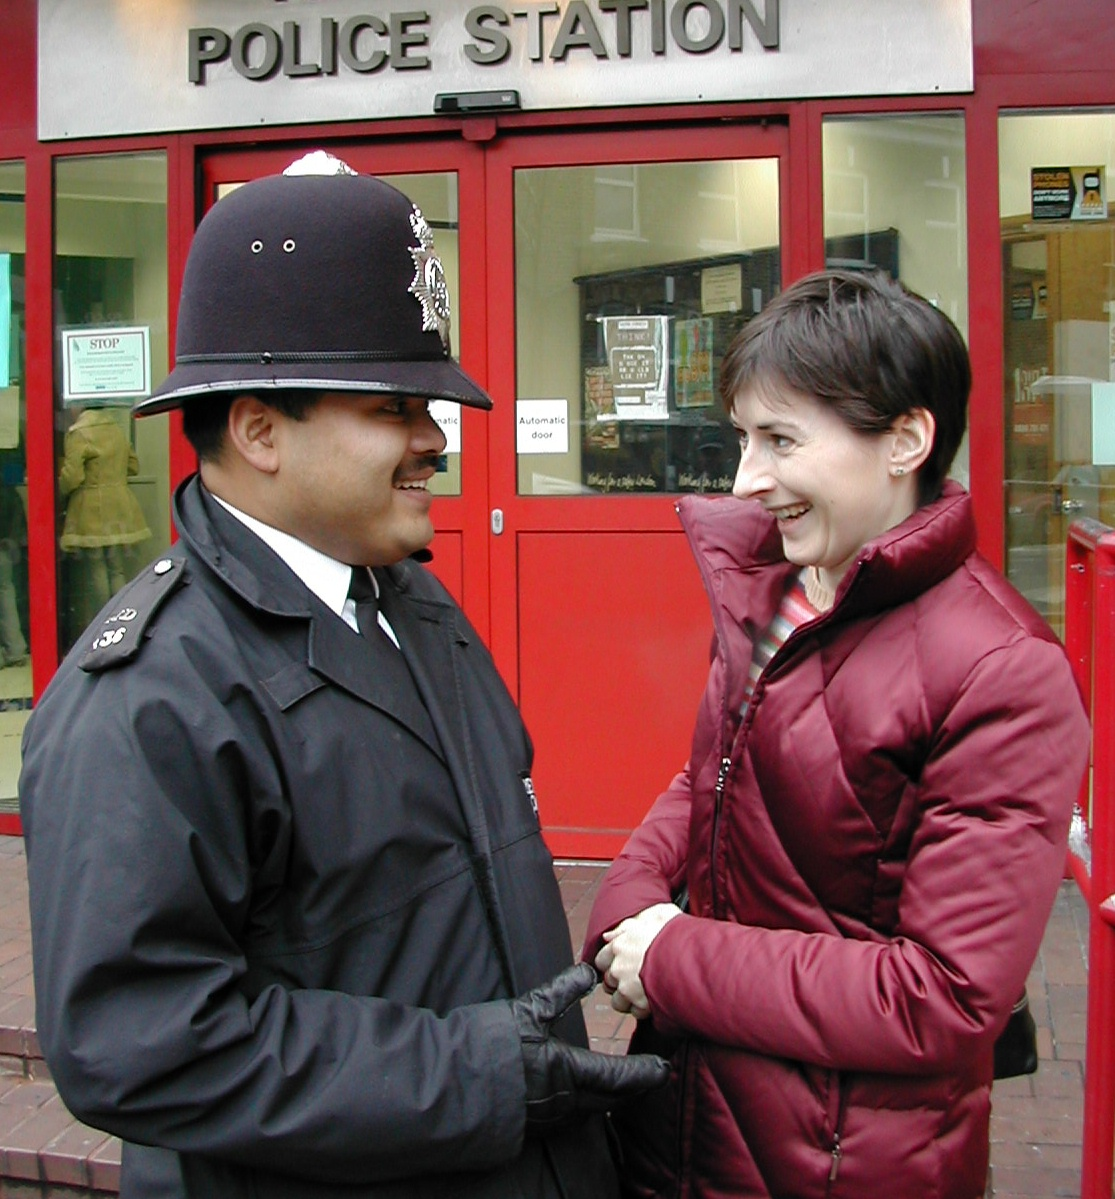 Police_pic.jpg